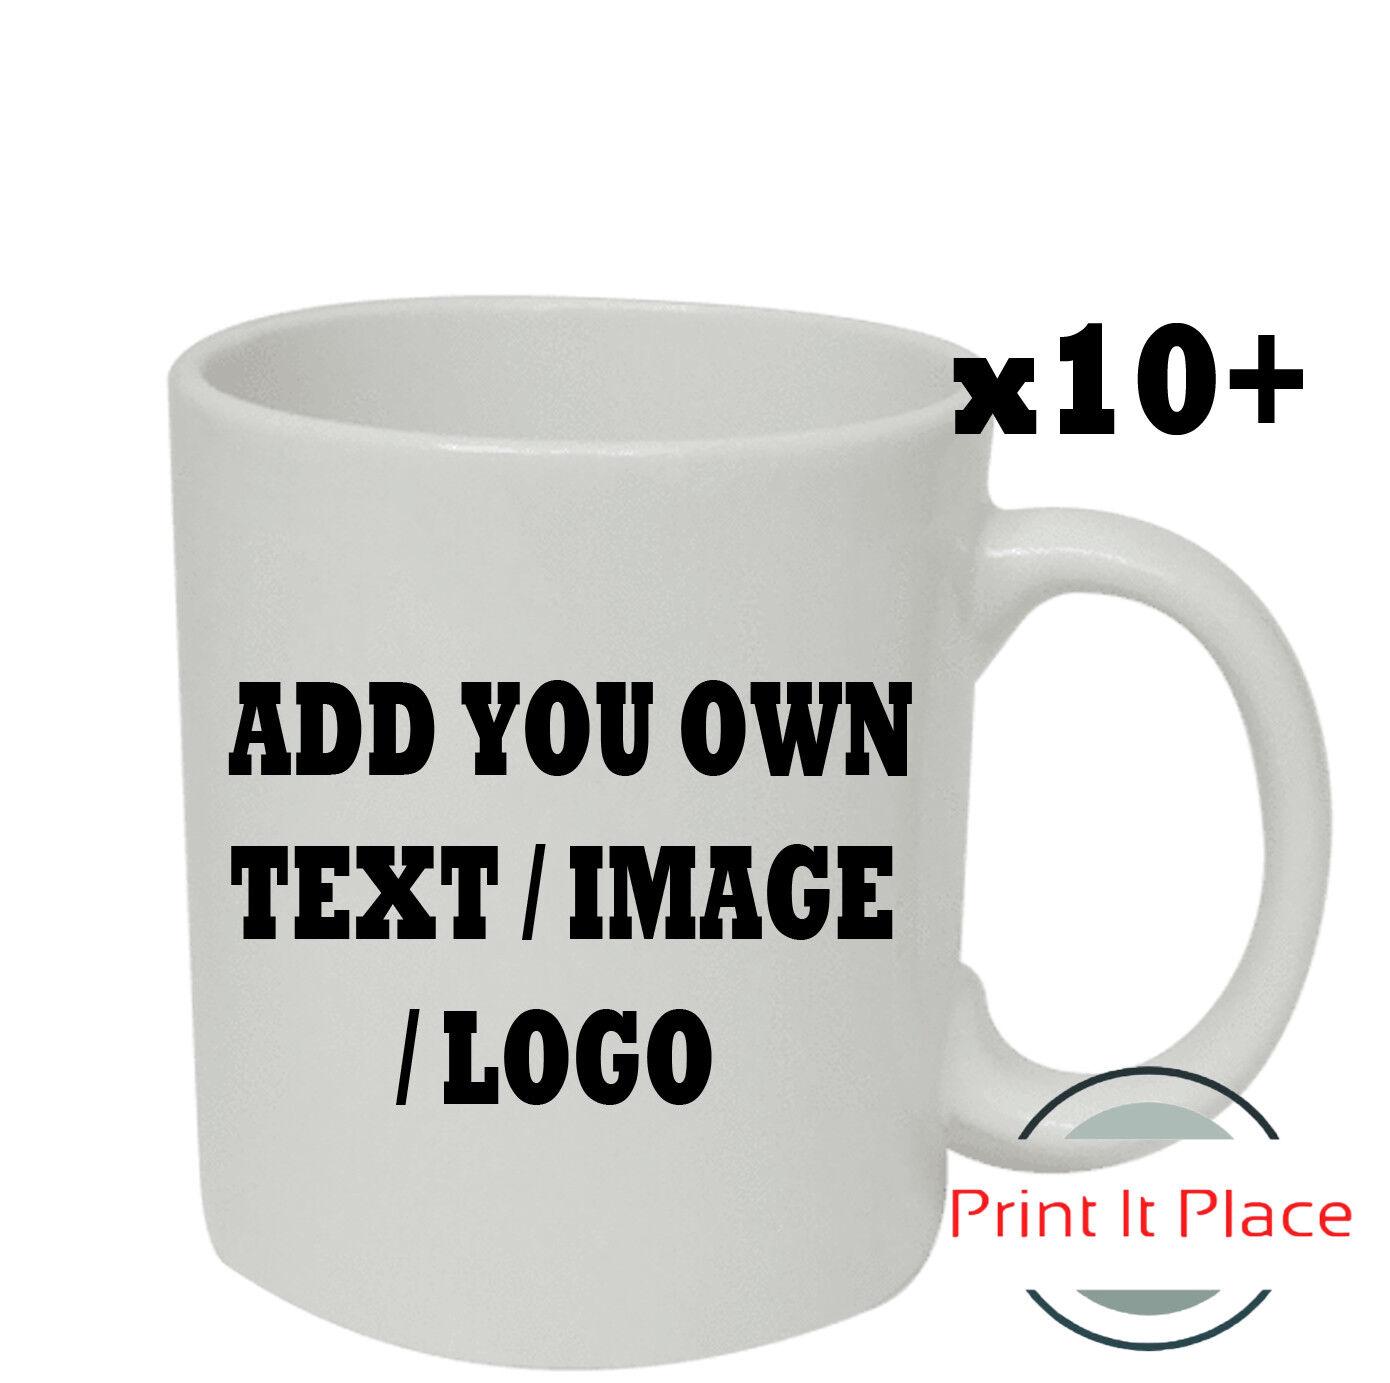 Personalised Mug Custom Photo Logo Cup Gift Box Image Text Promotional Bulk